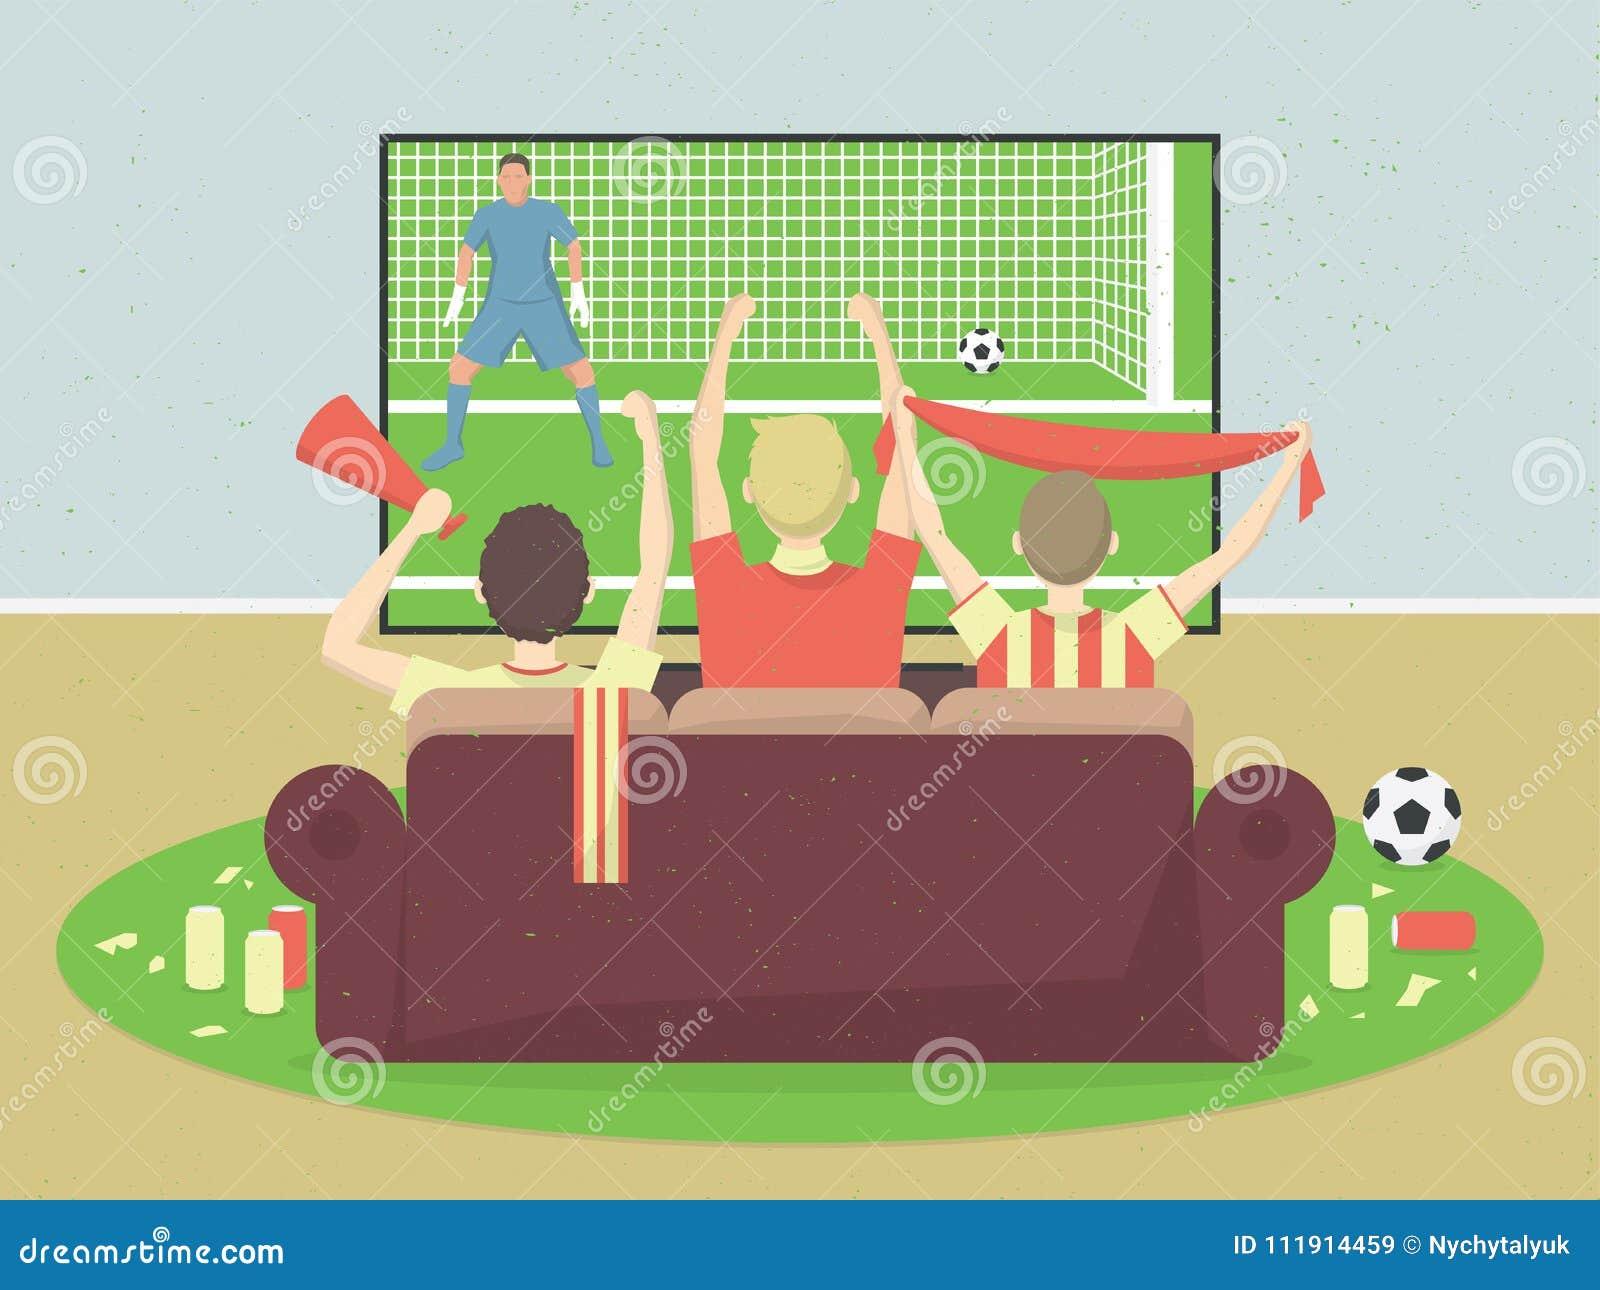 Piłka nożna, drużyn futbolowych fan/oglądamy TV z grze, siedzi na leżance Odświętność cel zdobywający punkty